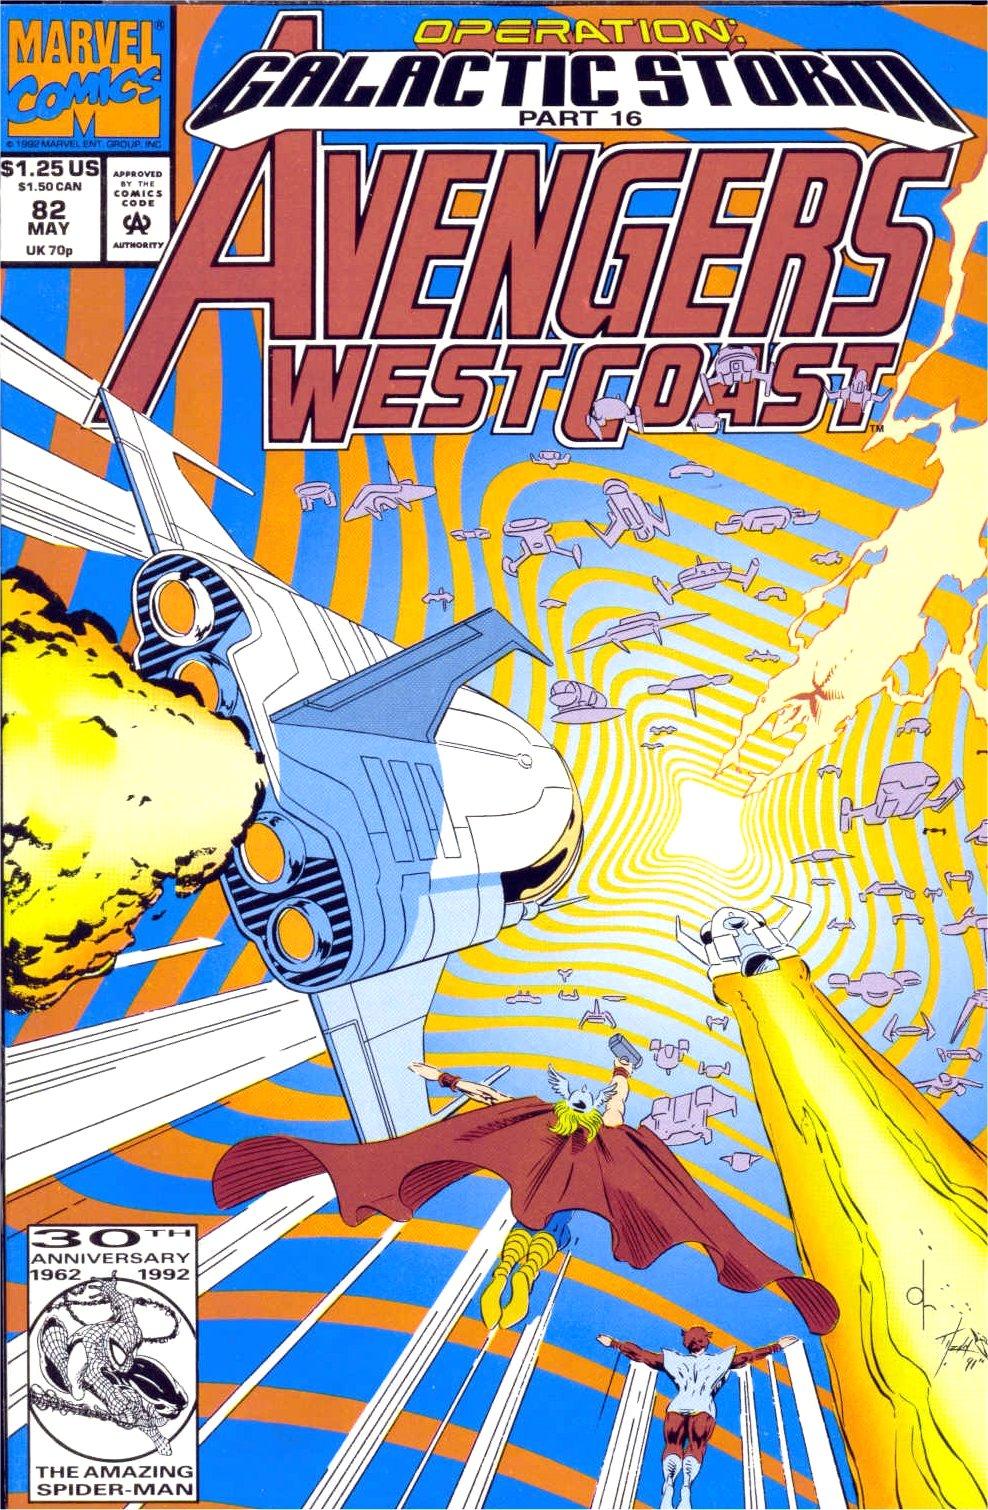 The Avengers (1963) 346e Page 1